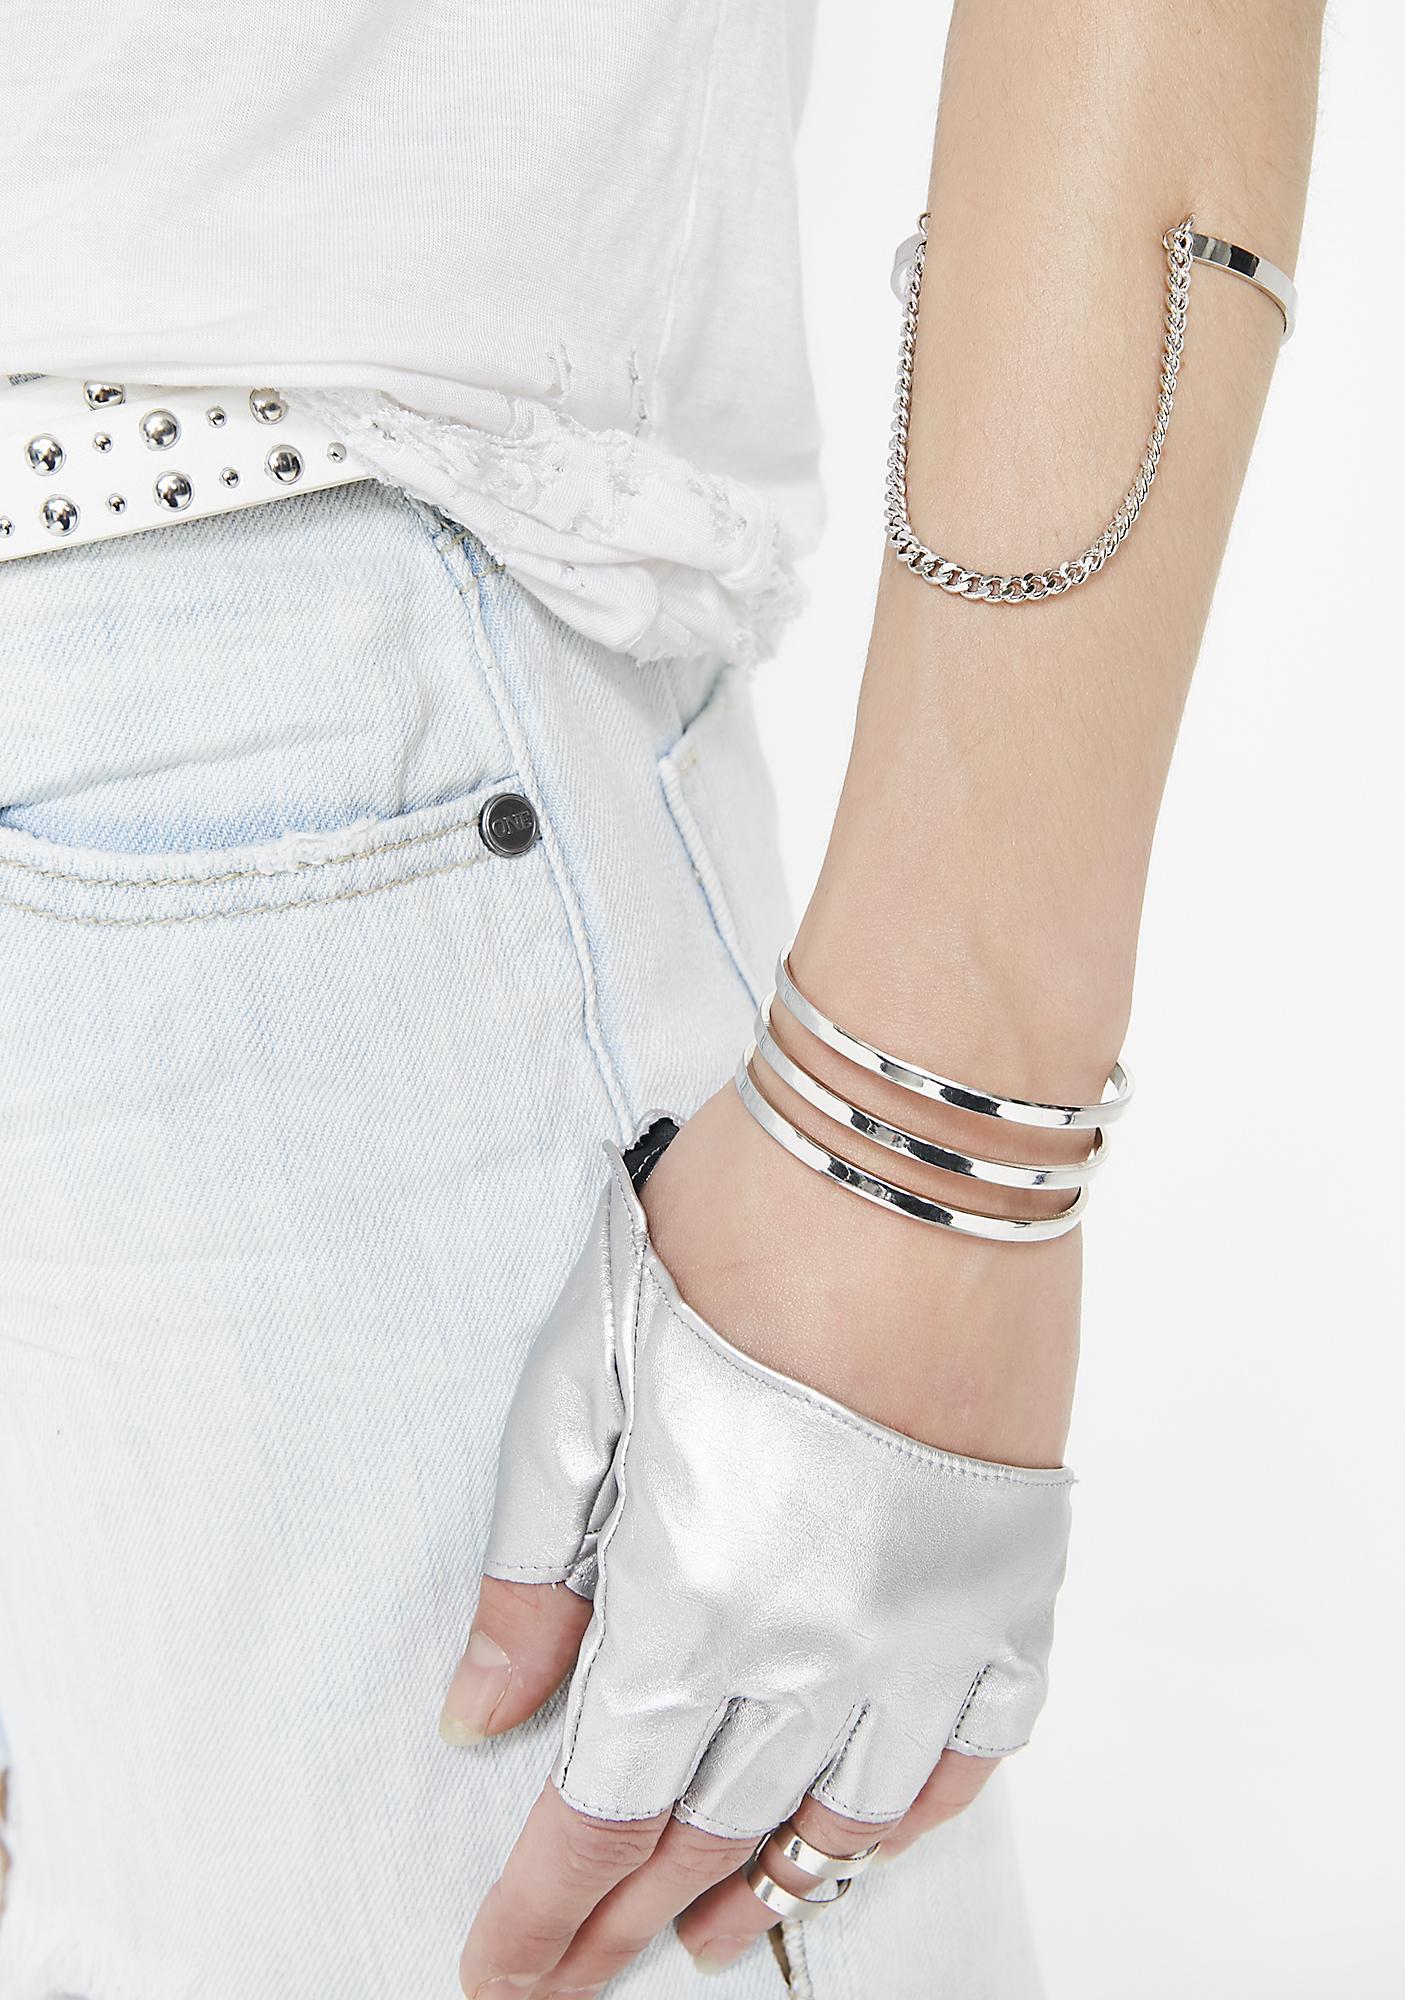 Chainz Unbreakable Arm Cuff